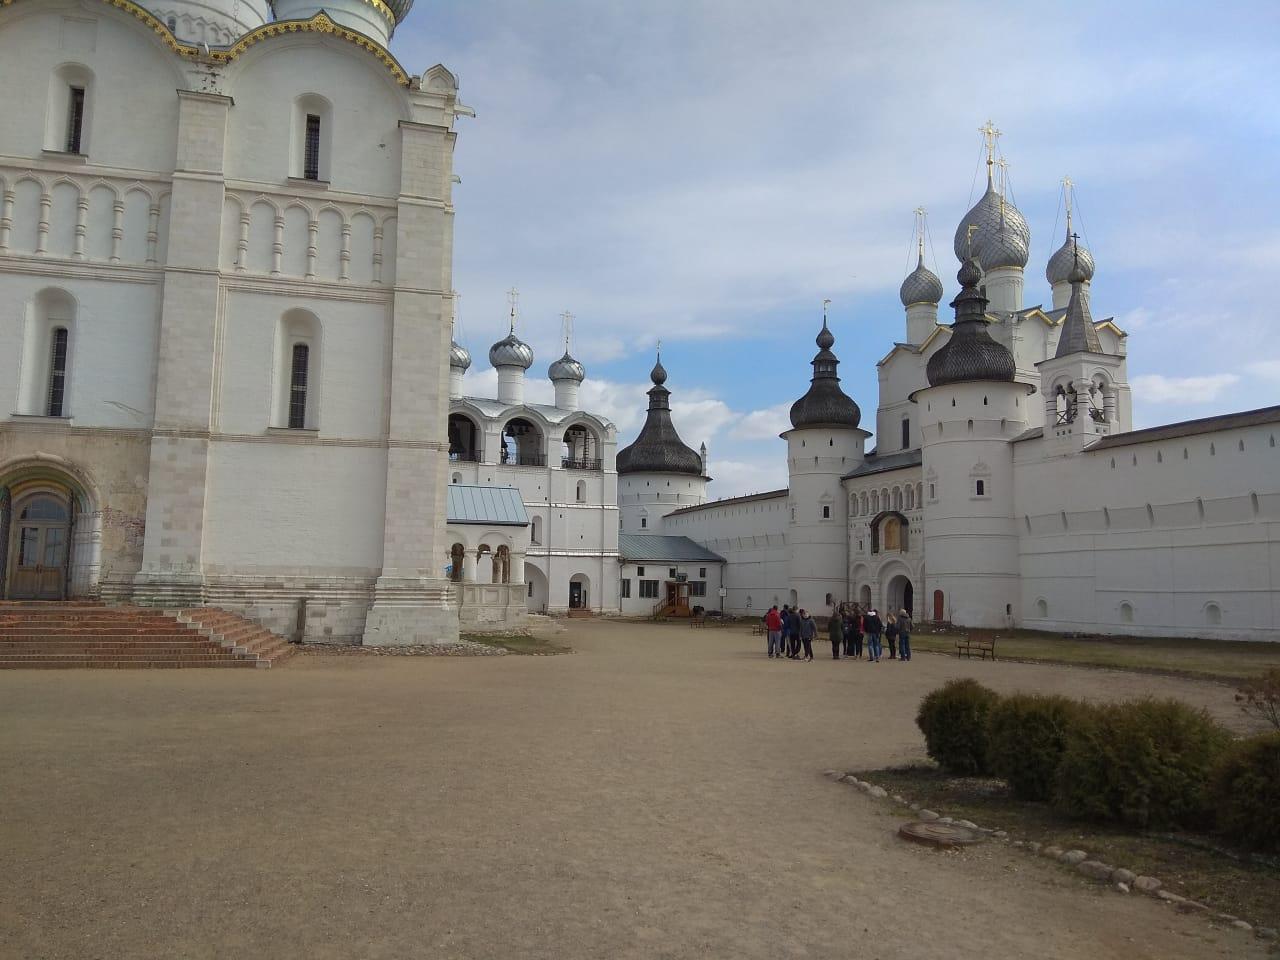 В Международный день памятников и исторических мест в 5 городах региона прошли бесплатные экскурсии для всех желающих